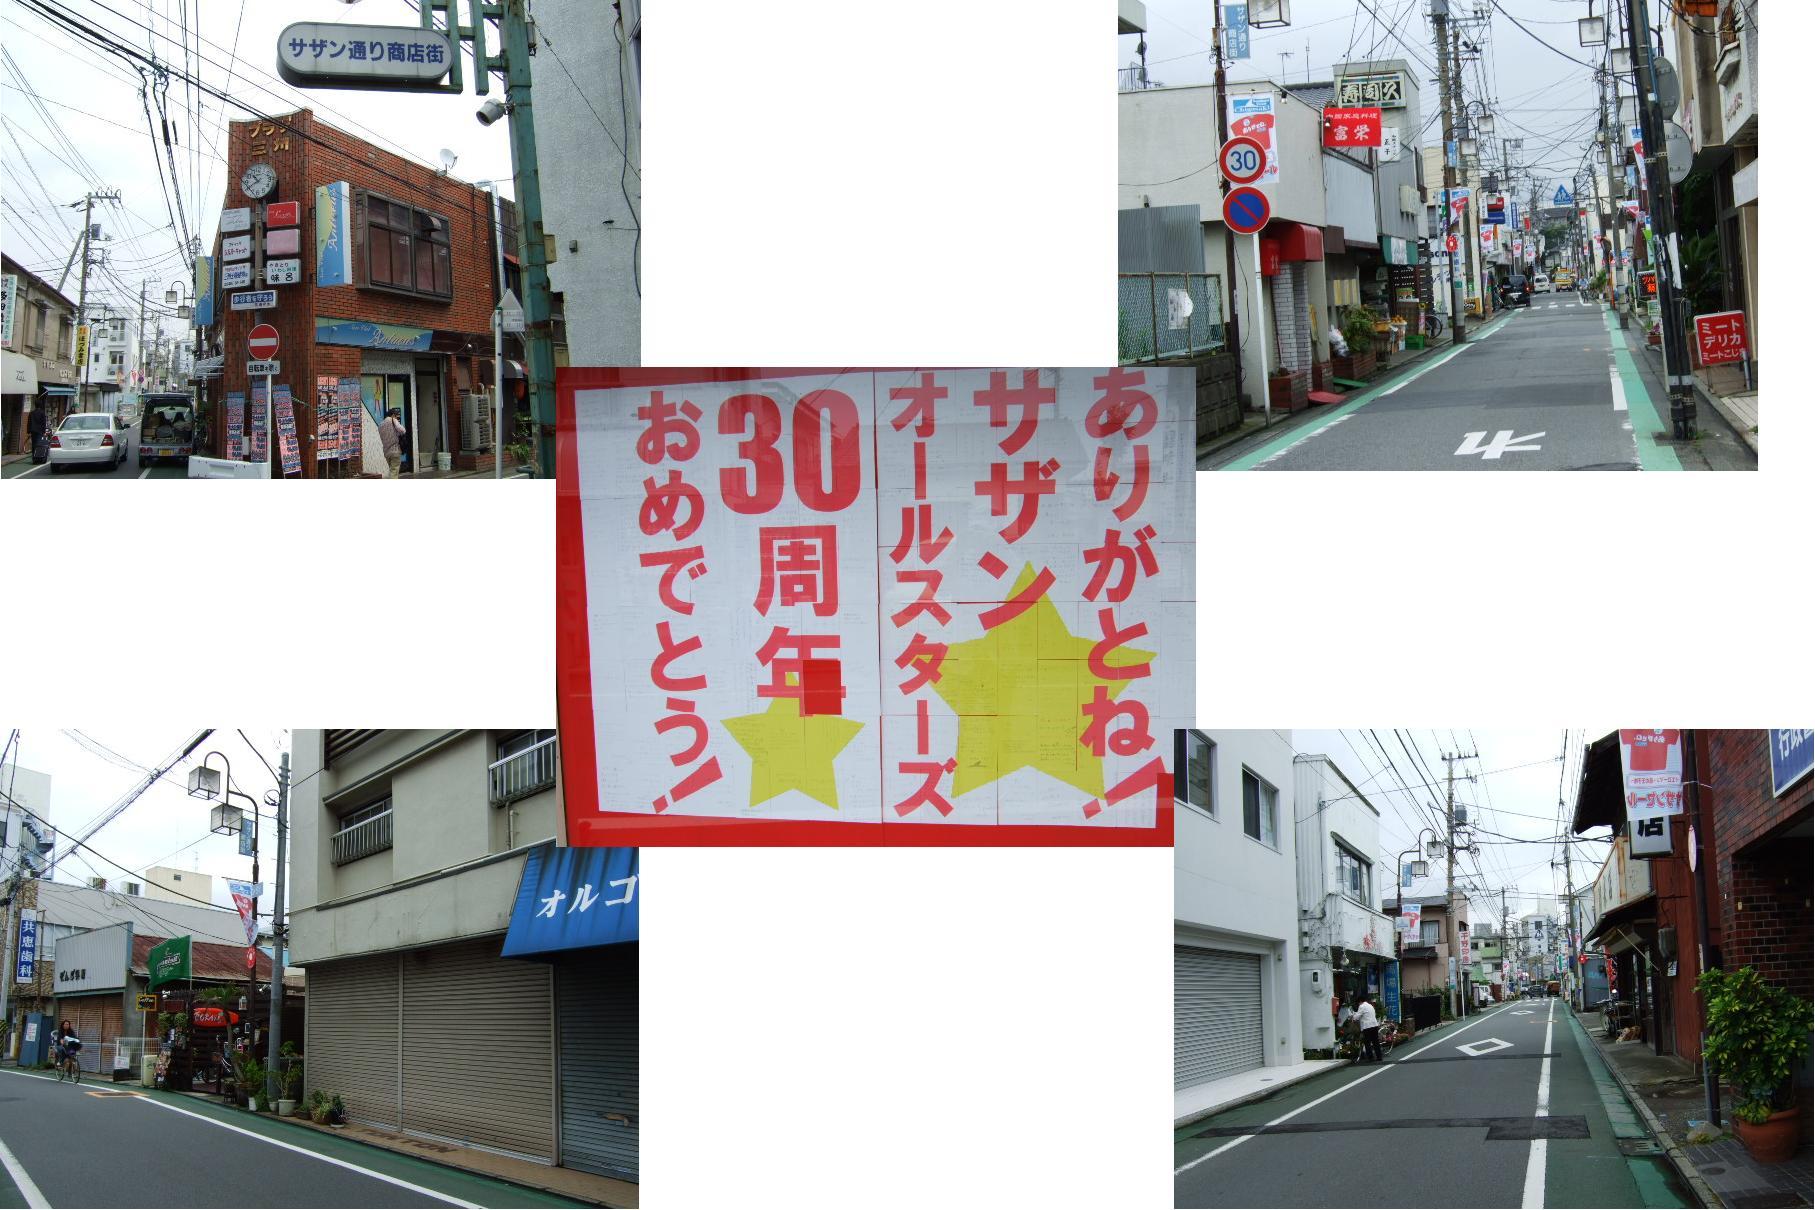 茅ケ崎サザン通りは、大盛況?_b0137932_18455574.jpg